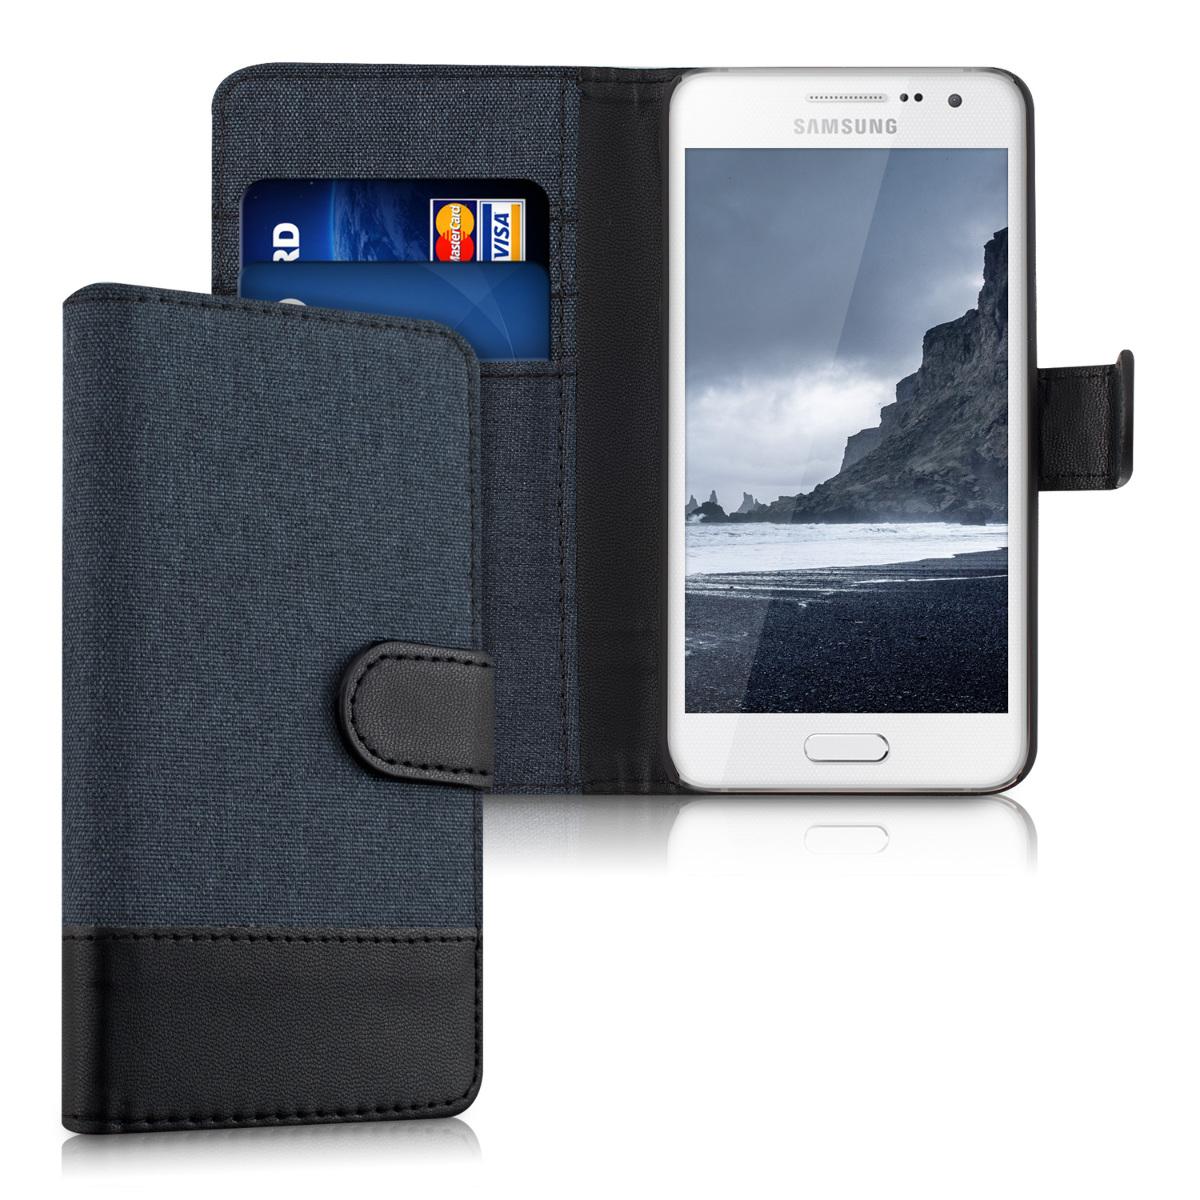 Fabricpouzdro pro Samsung A3 (2015) - tmavě modré / černé